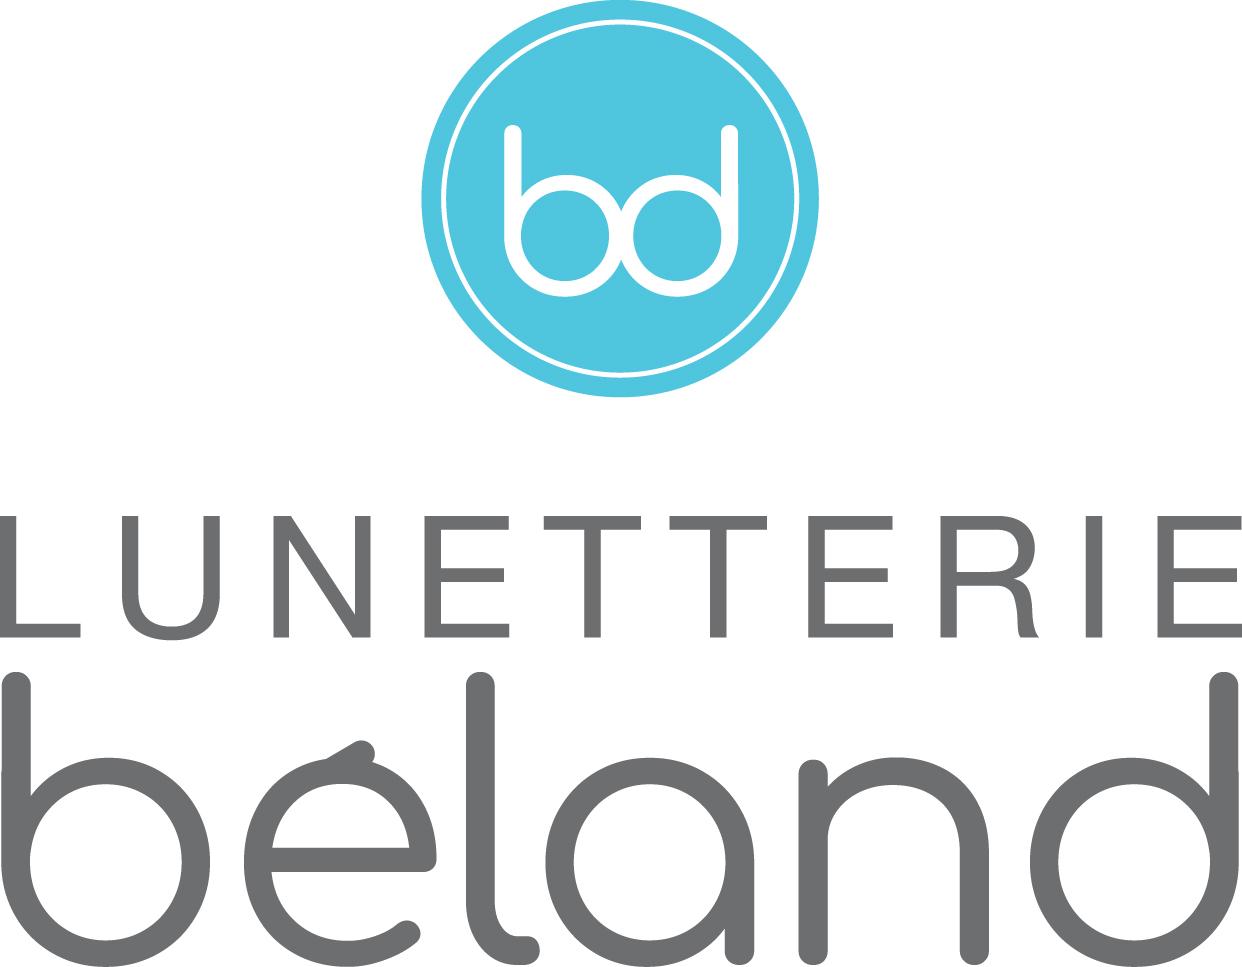 1534-LUNETTERIE BELAND_LOGO